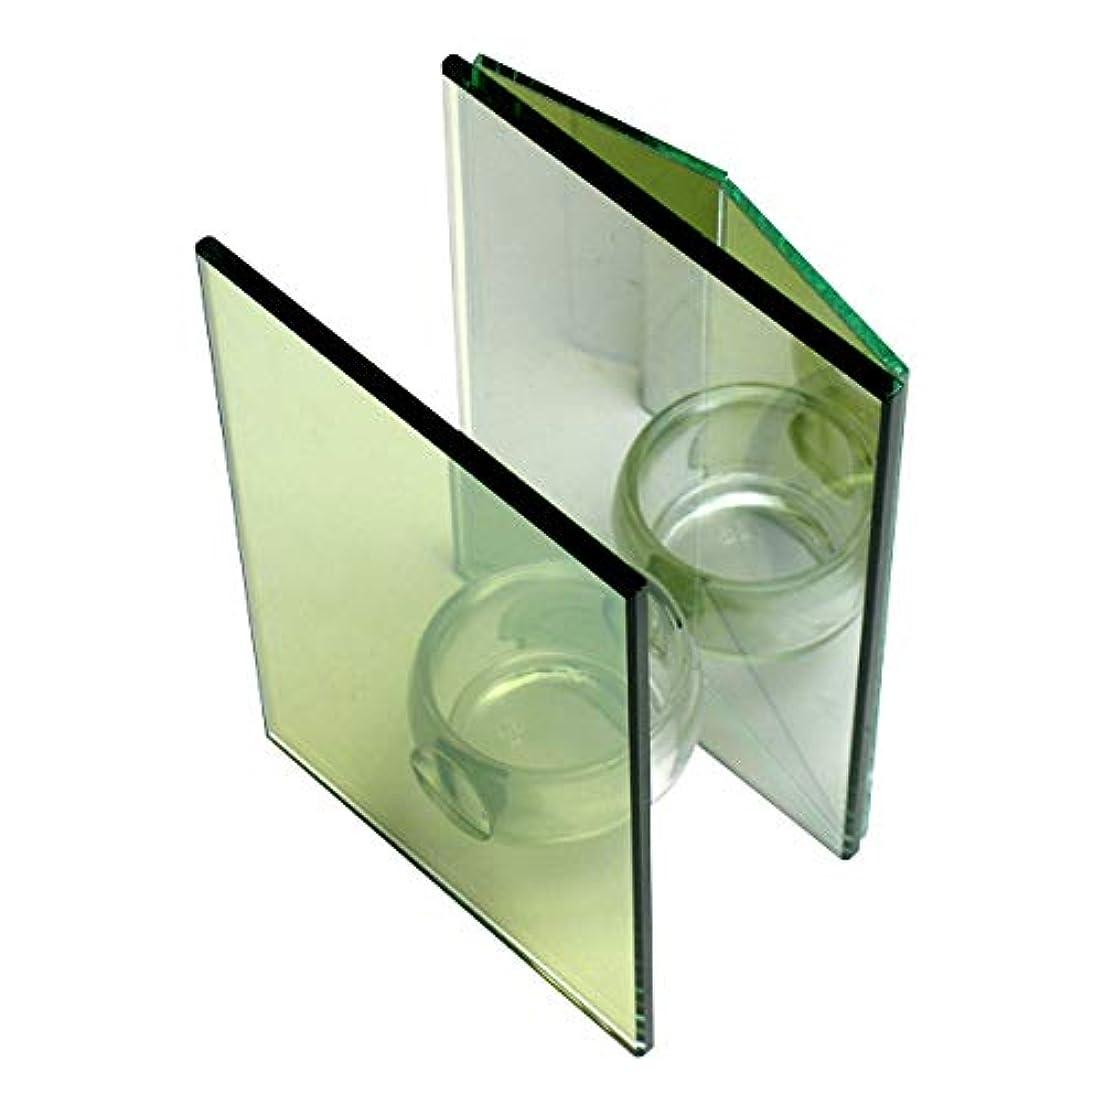 無限連鎖キャンドルホルダー ダブルミラー ガラス キャンドルスタンド ランタン 誕生日 ティーライトキャンドル